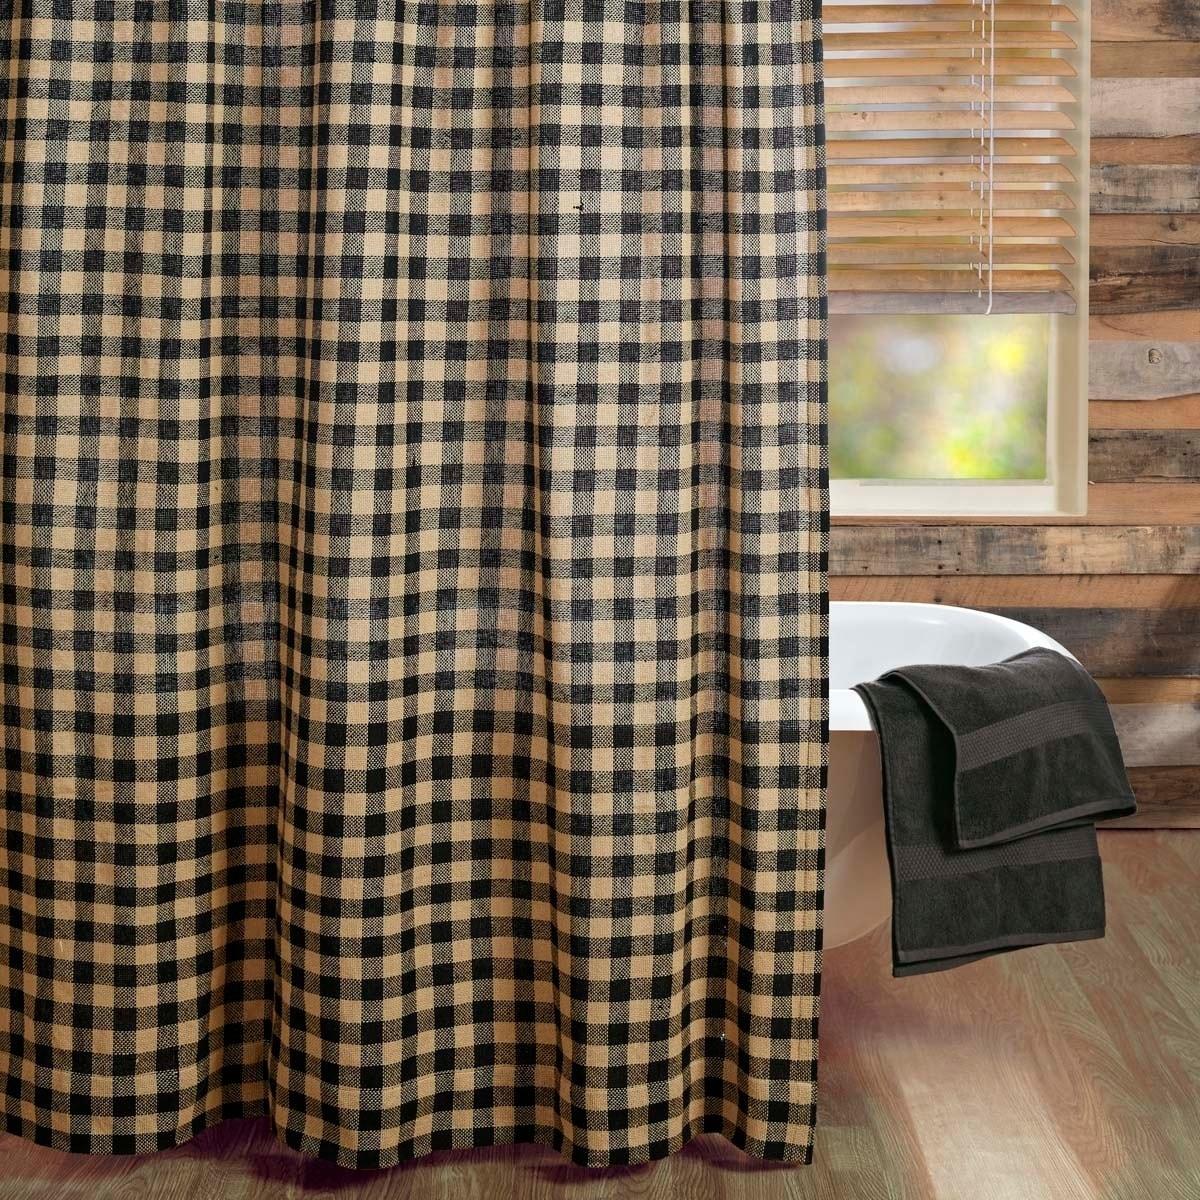 Black Primitive Bath Vhc Burlap Black Check Shower Curtain Rod Pocket Cotton Check Cotton Burlap